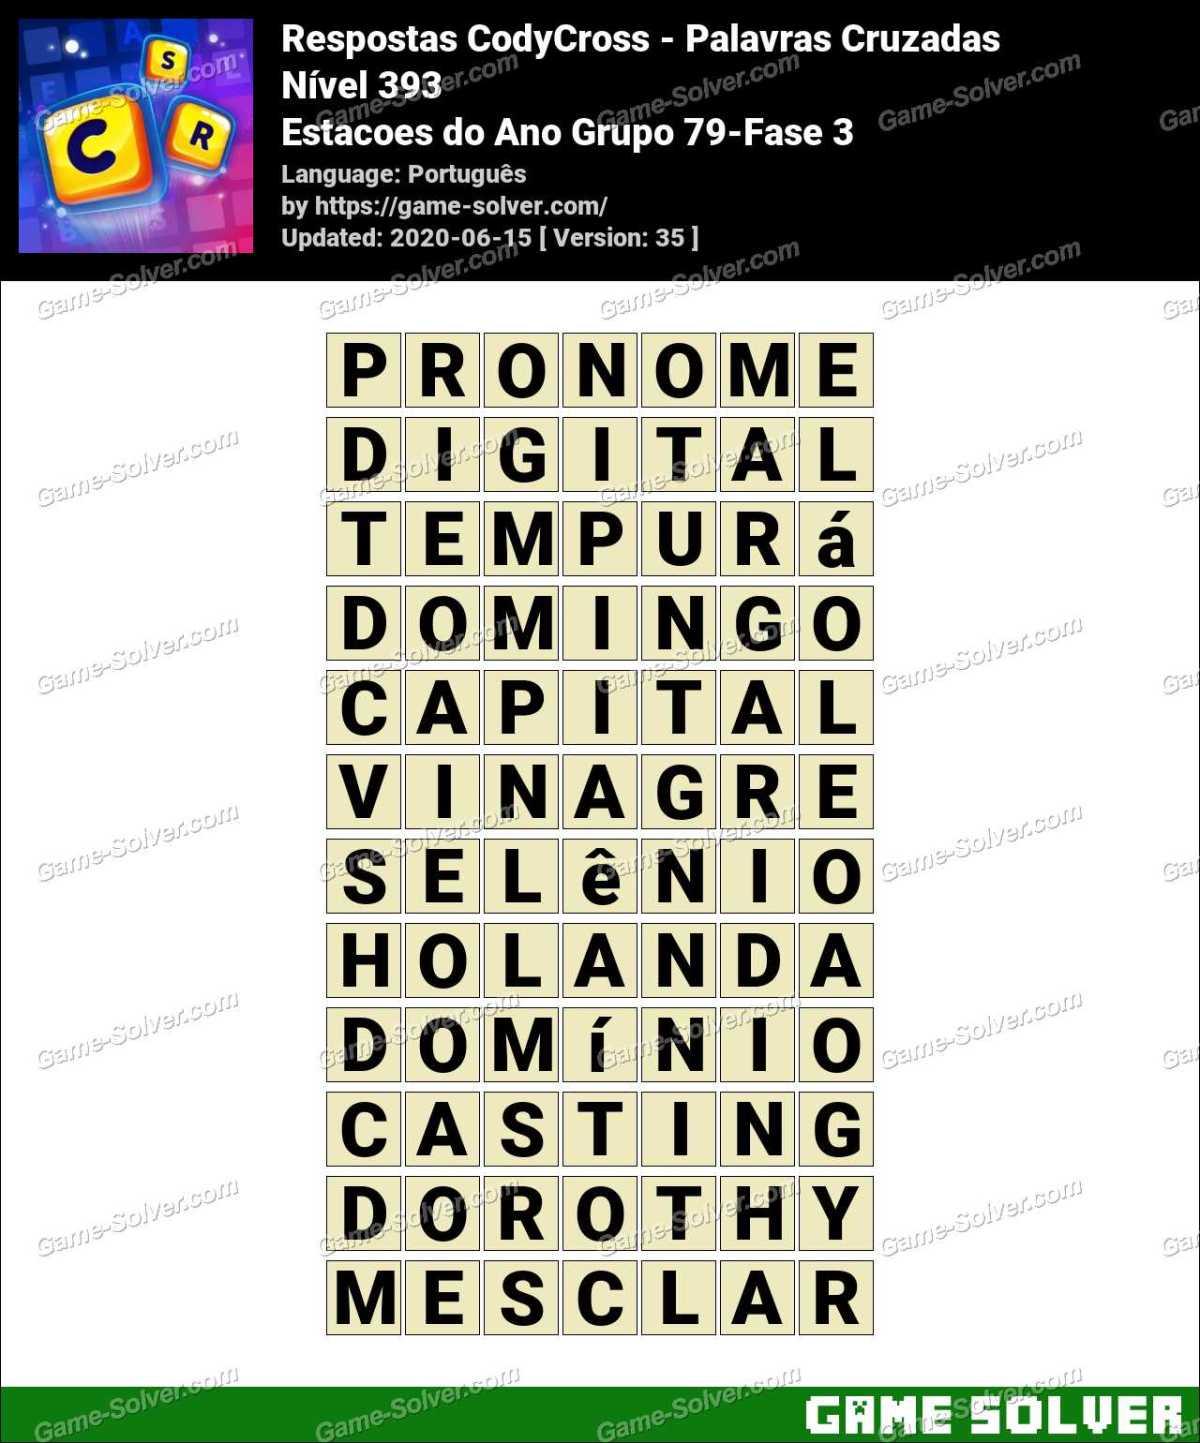 Respostas CodyCross Estacoes do Ano Grupo 79-Fase 3